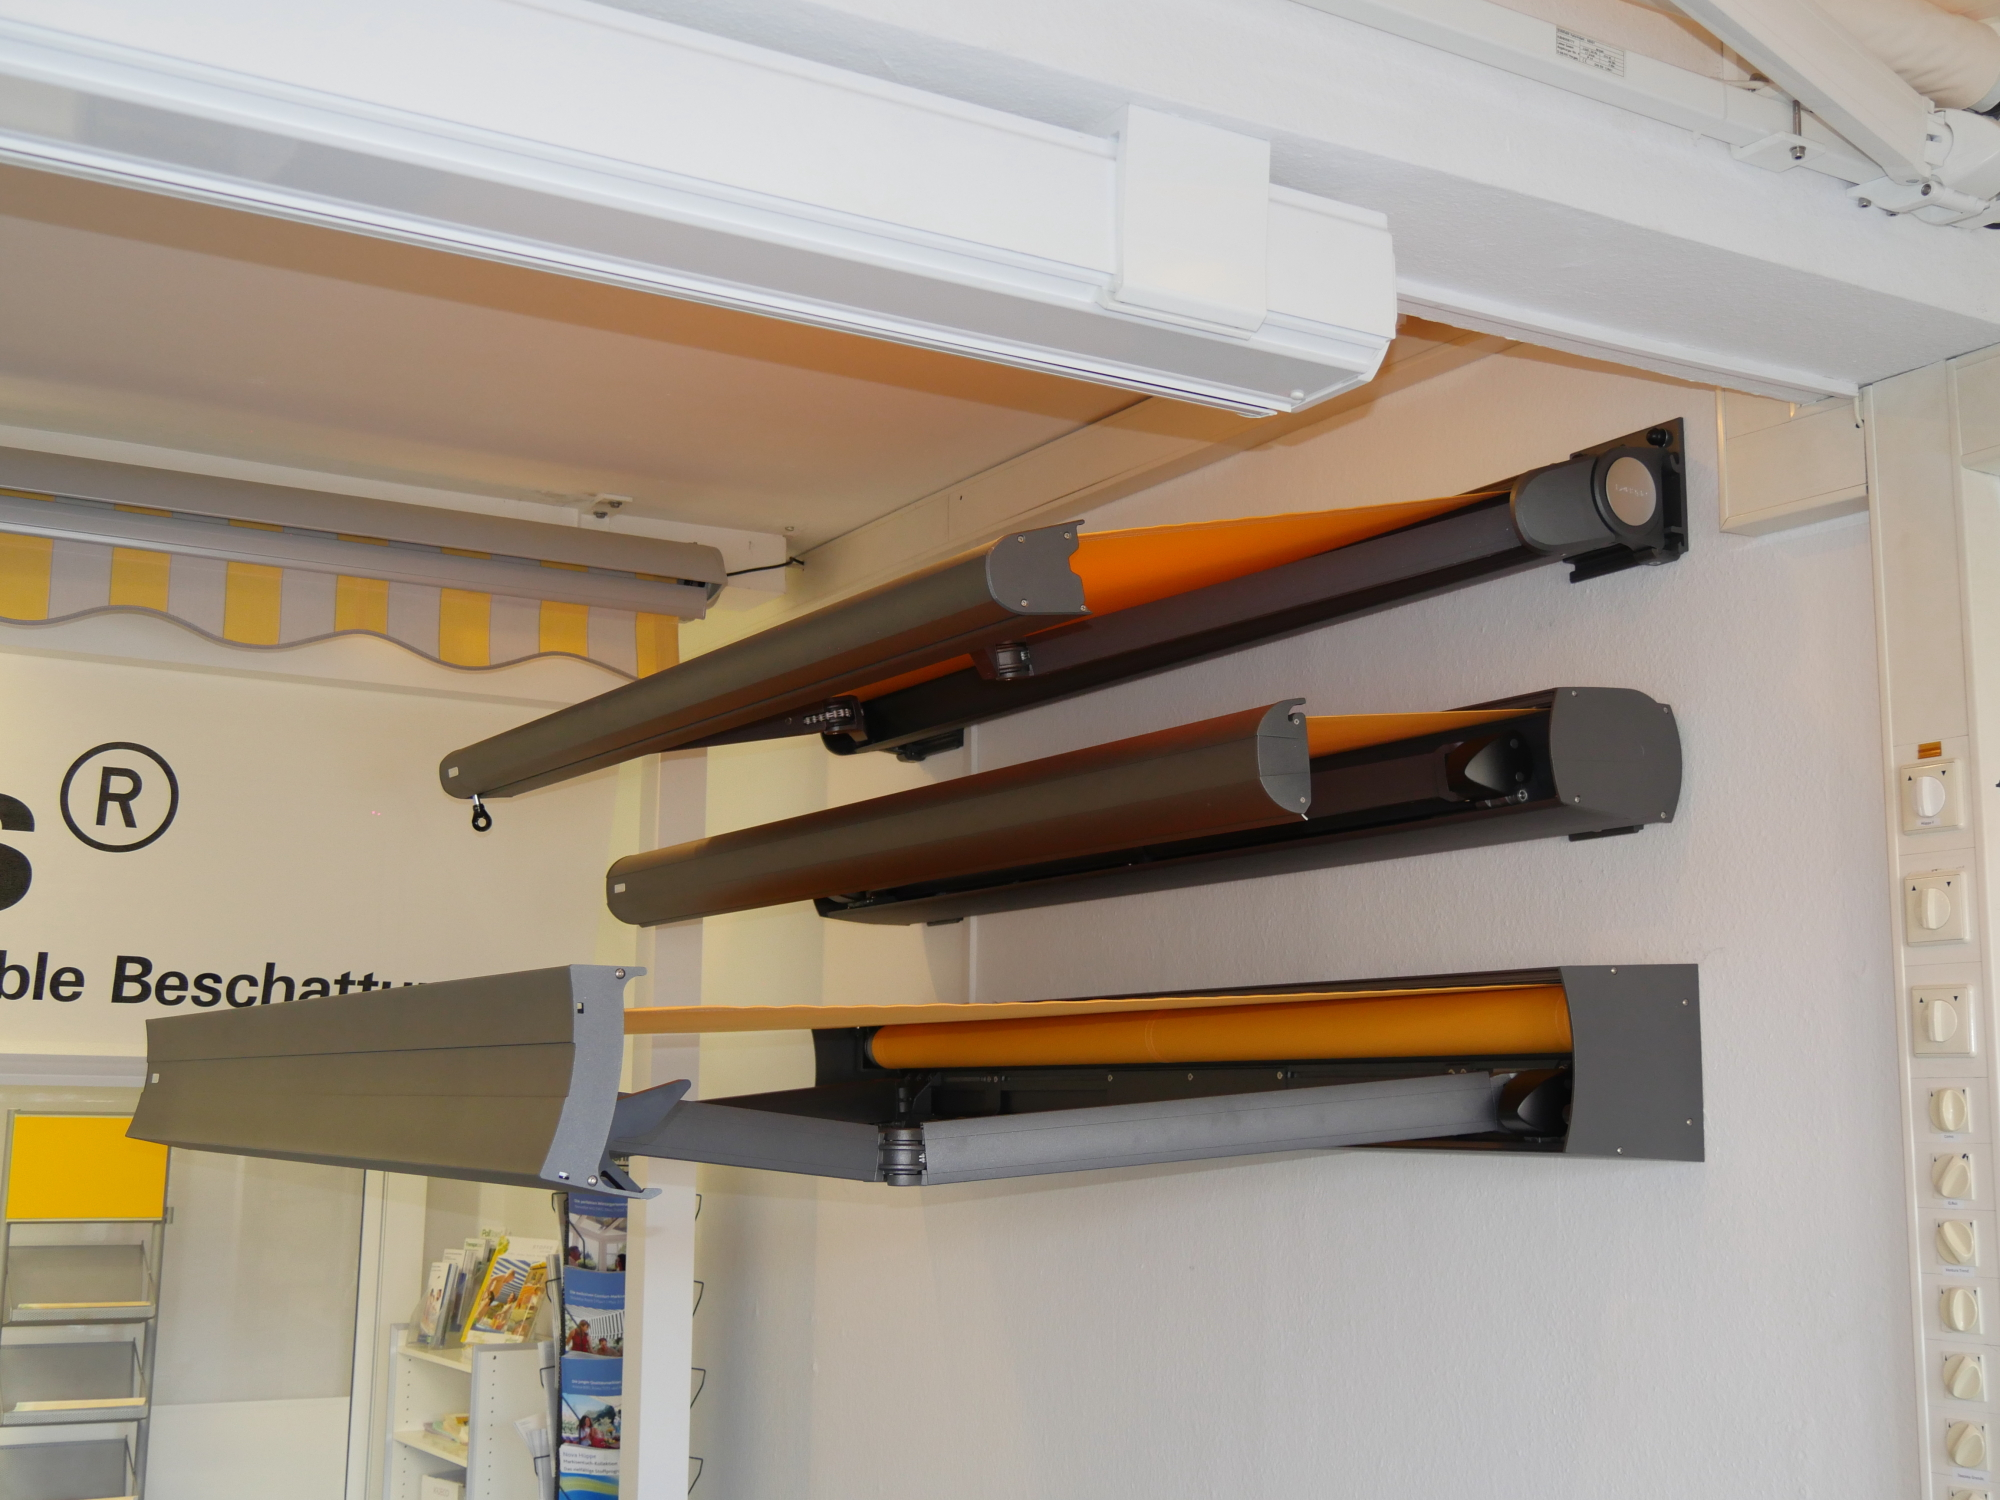 neuer stoff fr markise stunning pergola markise pm light erhardt markisen with neuer stoff fr. Black Bedroom Furniture Sets. Home Design Ideas